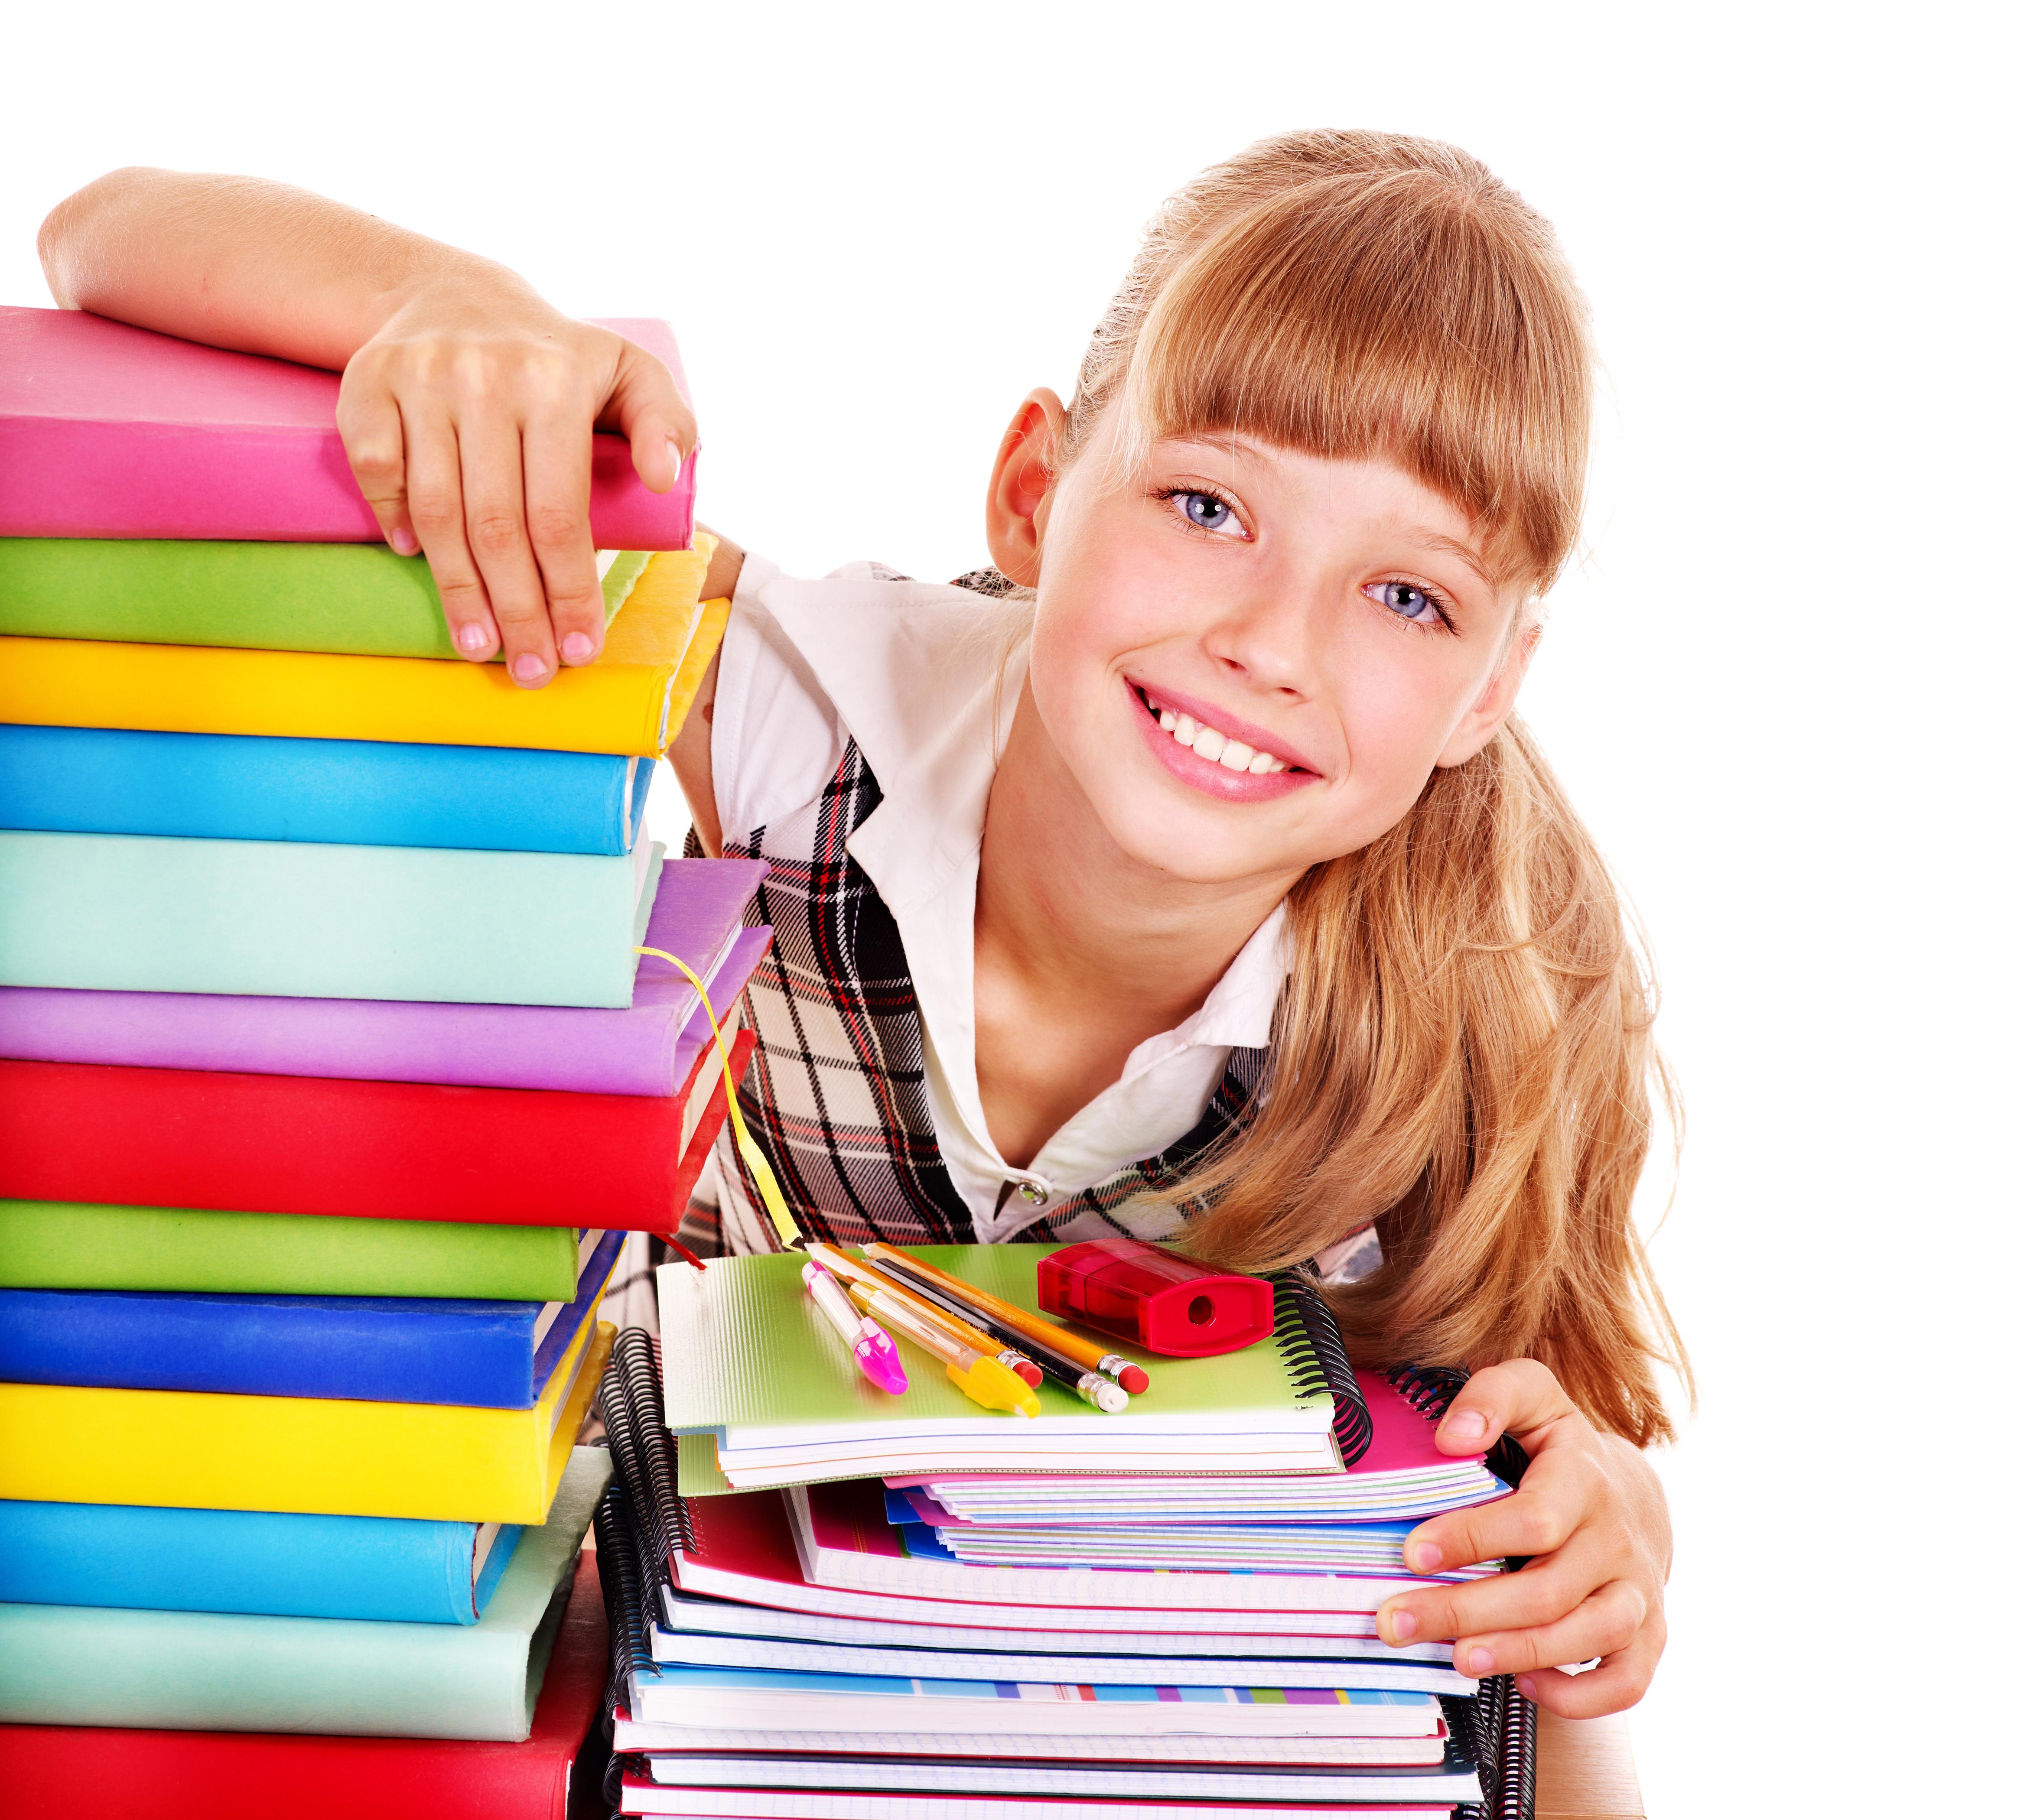 Картинки девочка Улыбка Дети Тетрадь Книга Взгляд белым фоном 4700x4200 Девочки улыбается ребёнок книги смотрят смотрит Белый фон белом фоне